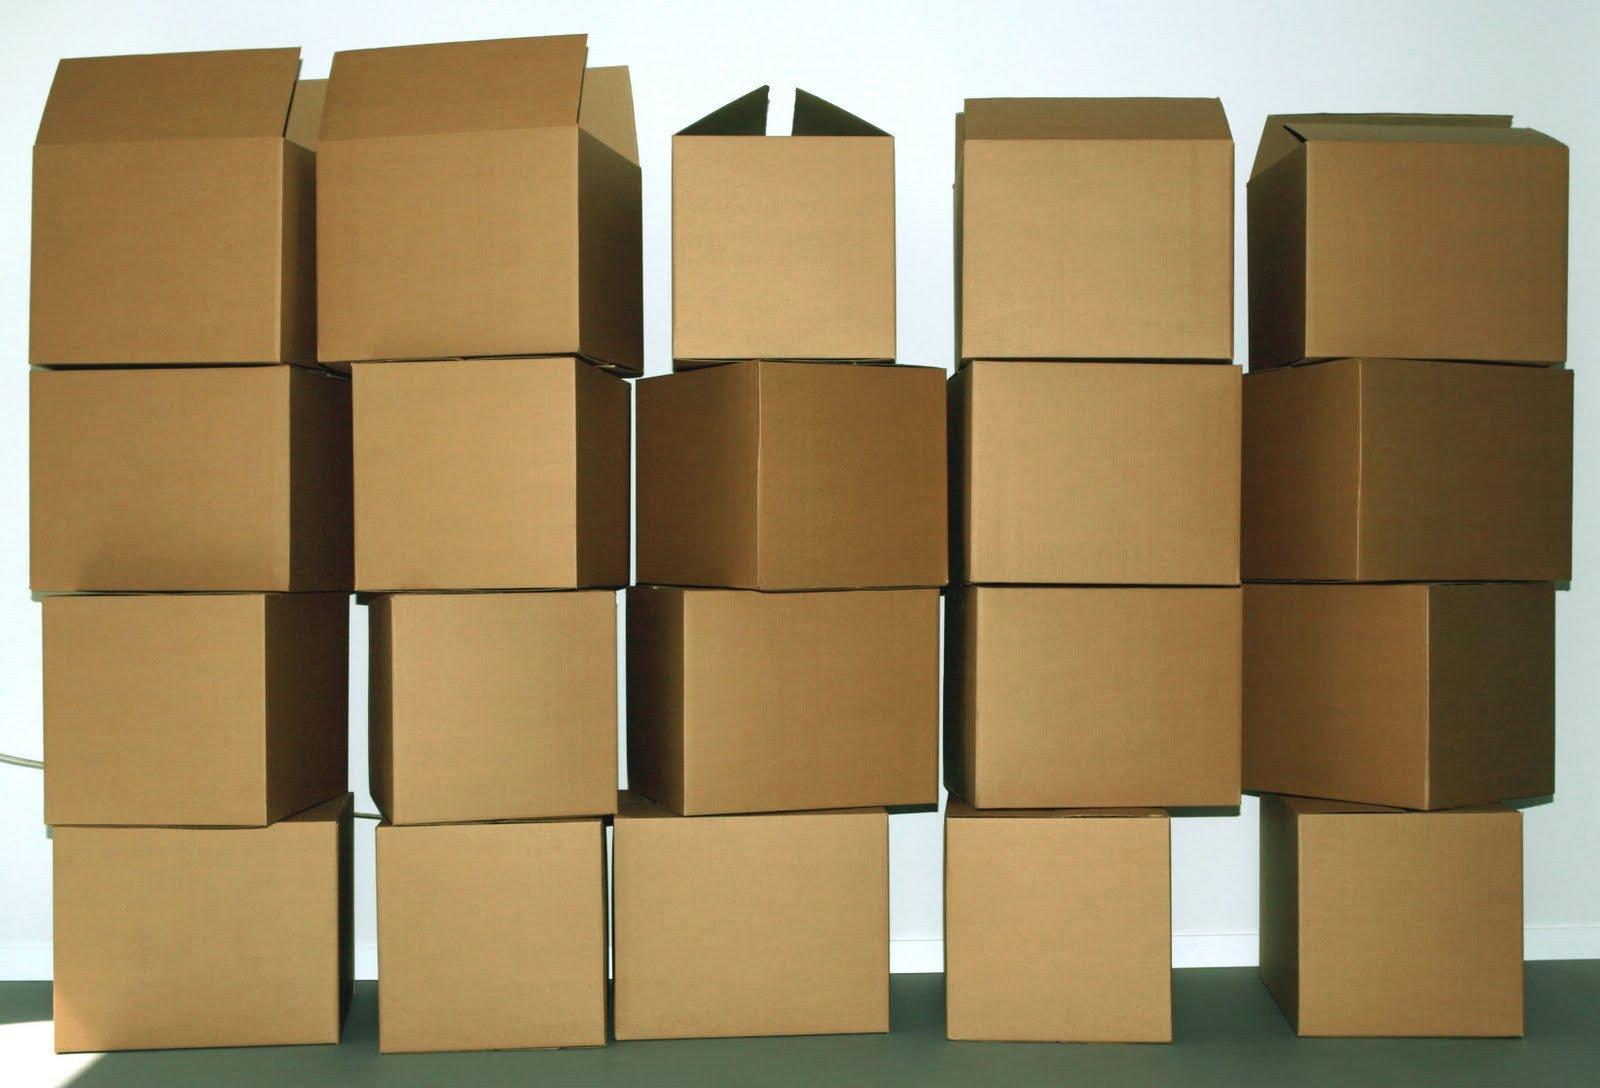 Cajas de cart n corrugado impresas - Cajas de mudanza ...